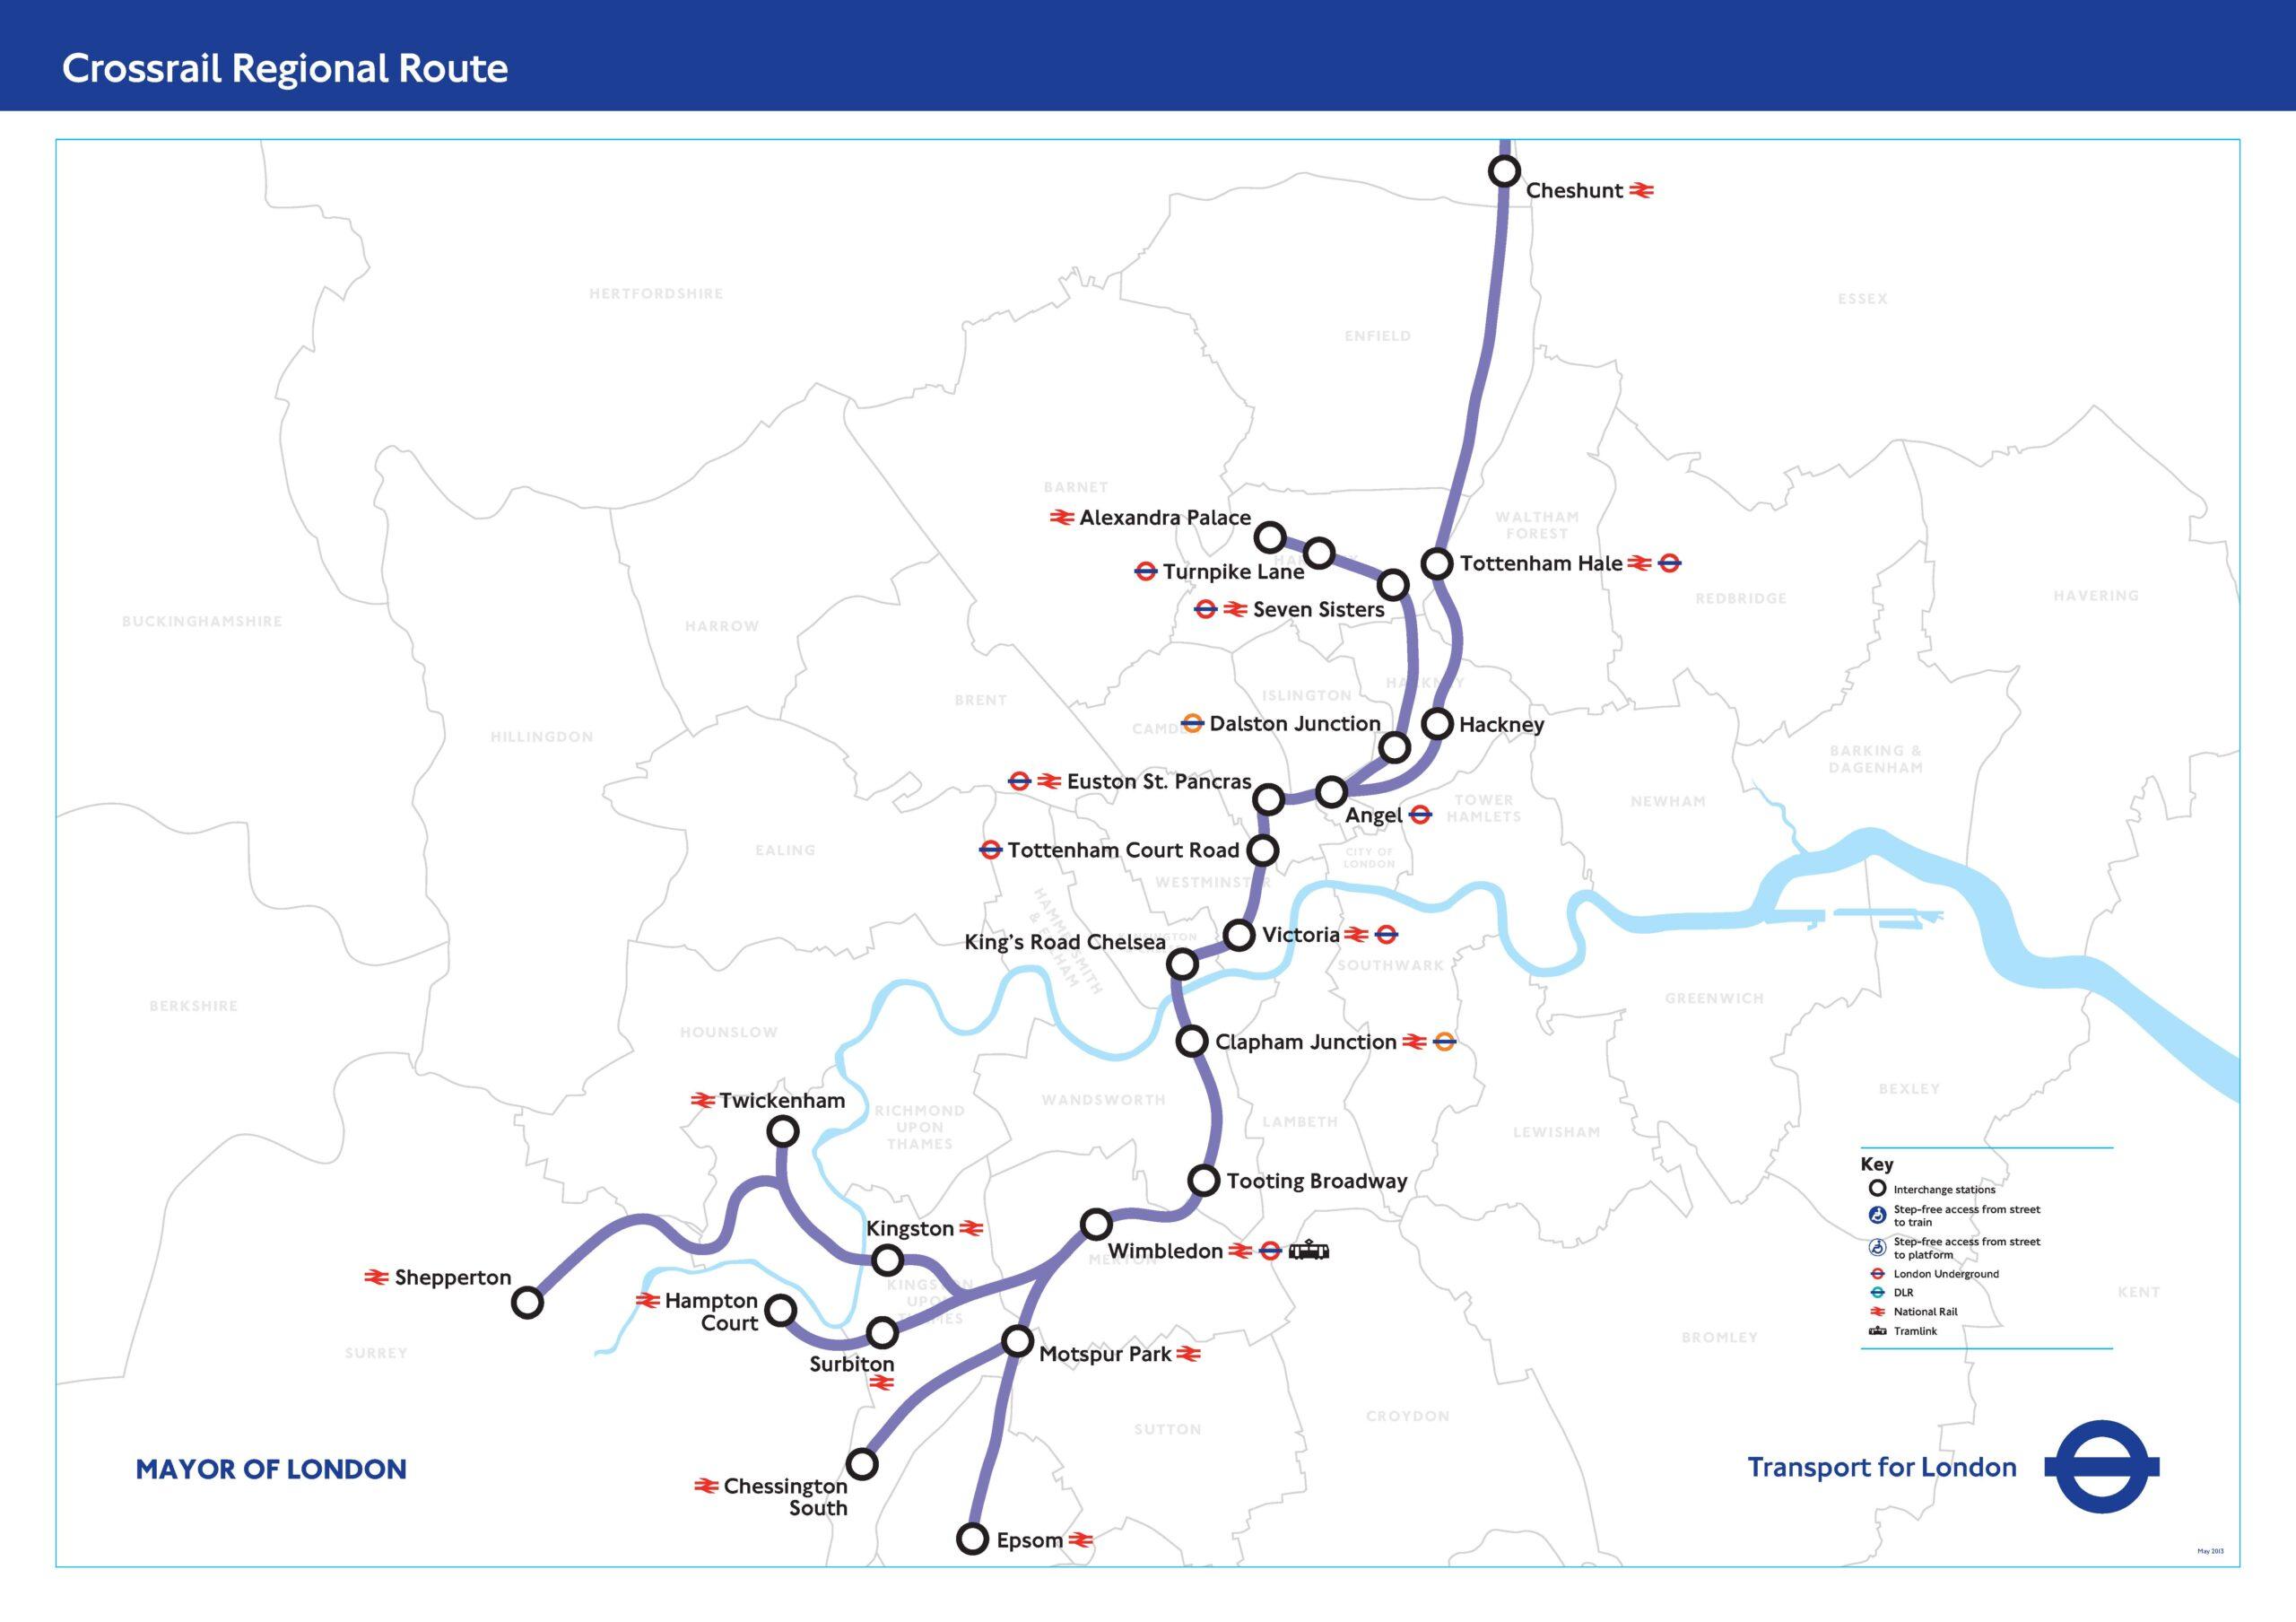 Crossrail 2 route through London